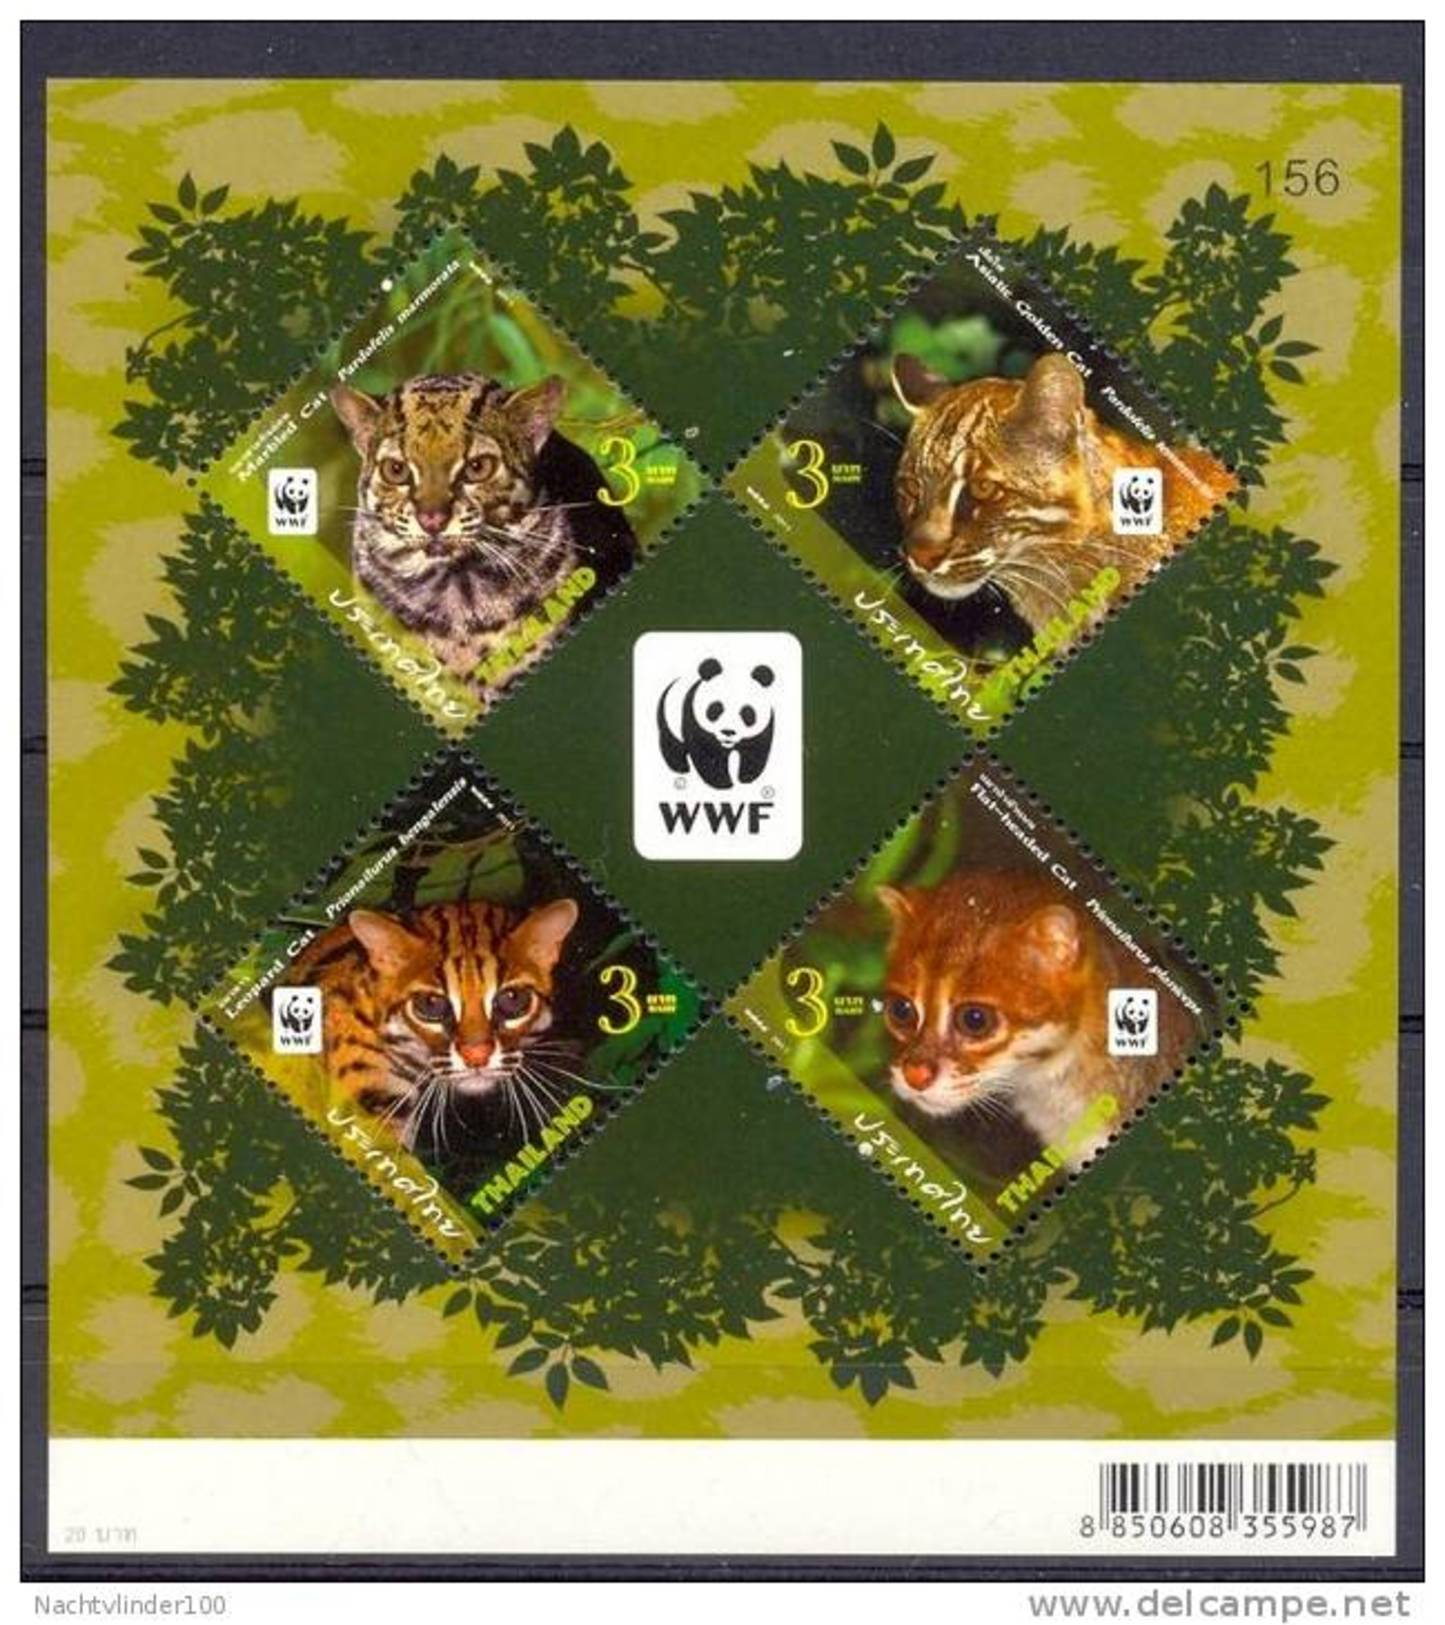 Nbo488MSb WWF FAUNA ZOOGDIEREN WILDE KAT MARBLED CAT LEOPARD CAT WILD CATS MAMMALS THAILAND 2011 PF/MNH - W.W.F.